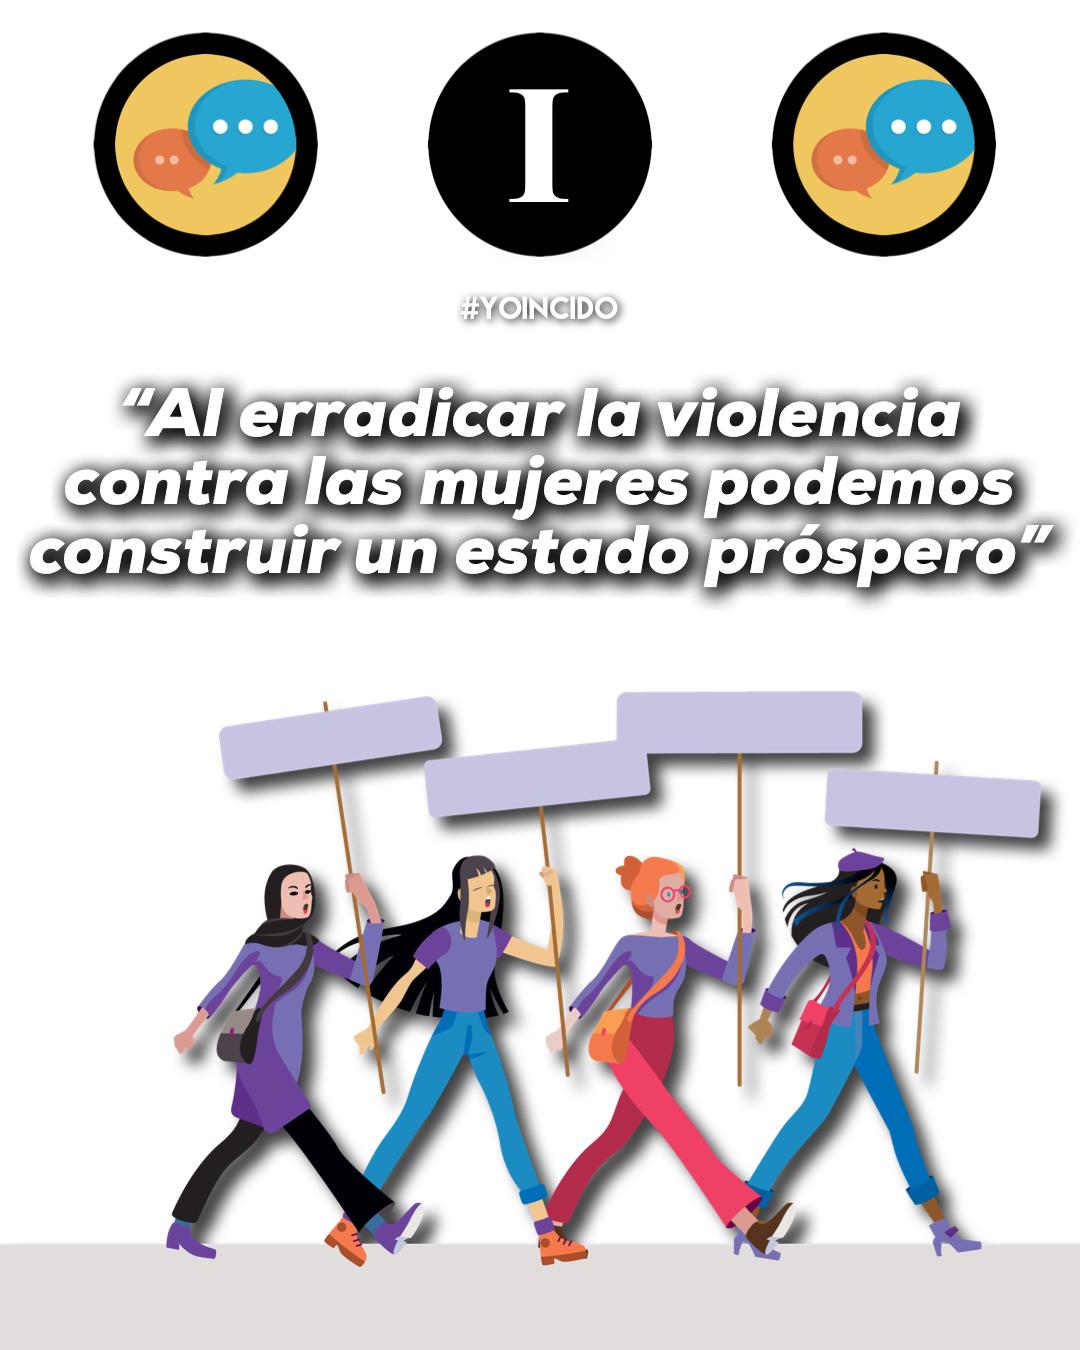 «La violencia hacia las mujeres, un problema que debemos erradicar»